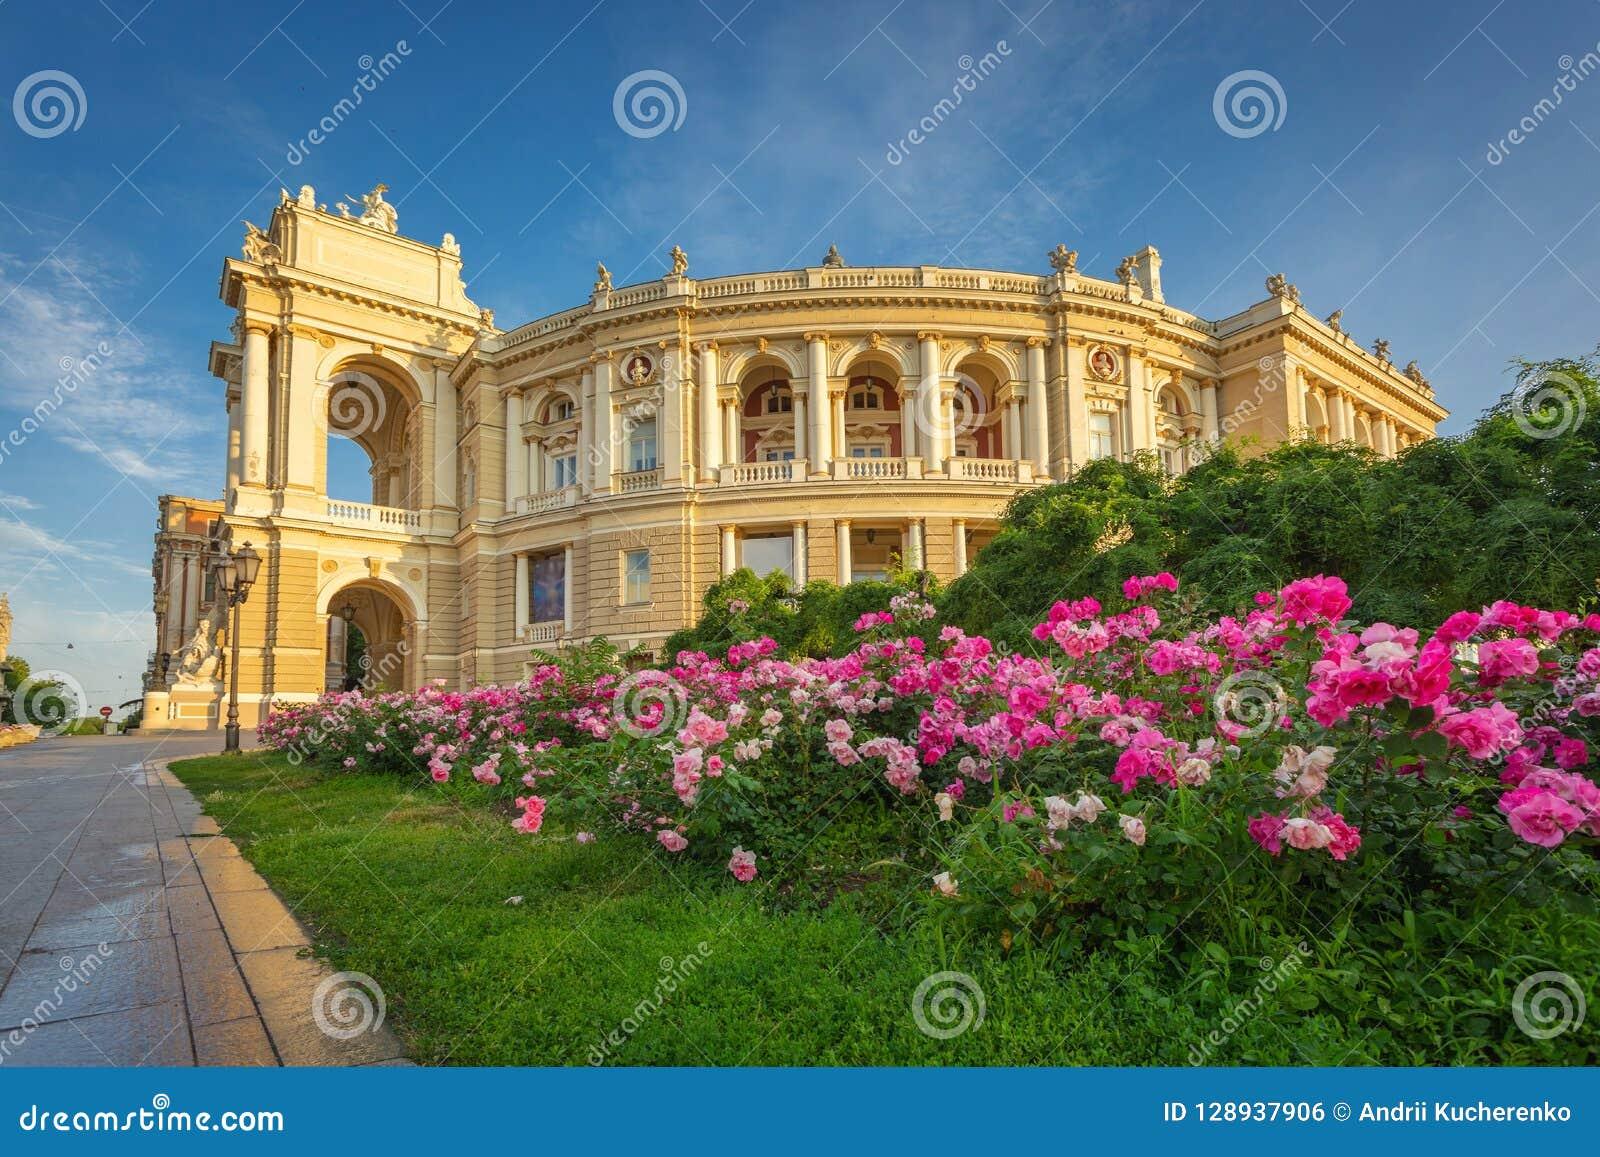 Εθνικό ακαδημαϊκό θέατρο της Οδησσός της δονούμενης εξωτερικής άποψης οπερών και μπαλέτου στο θερμό ήλιο πρωινού